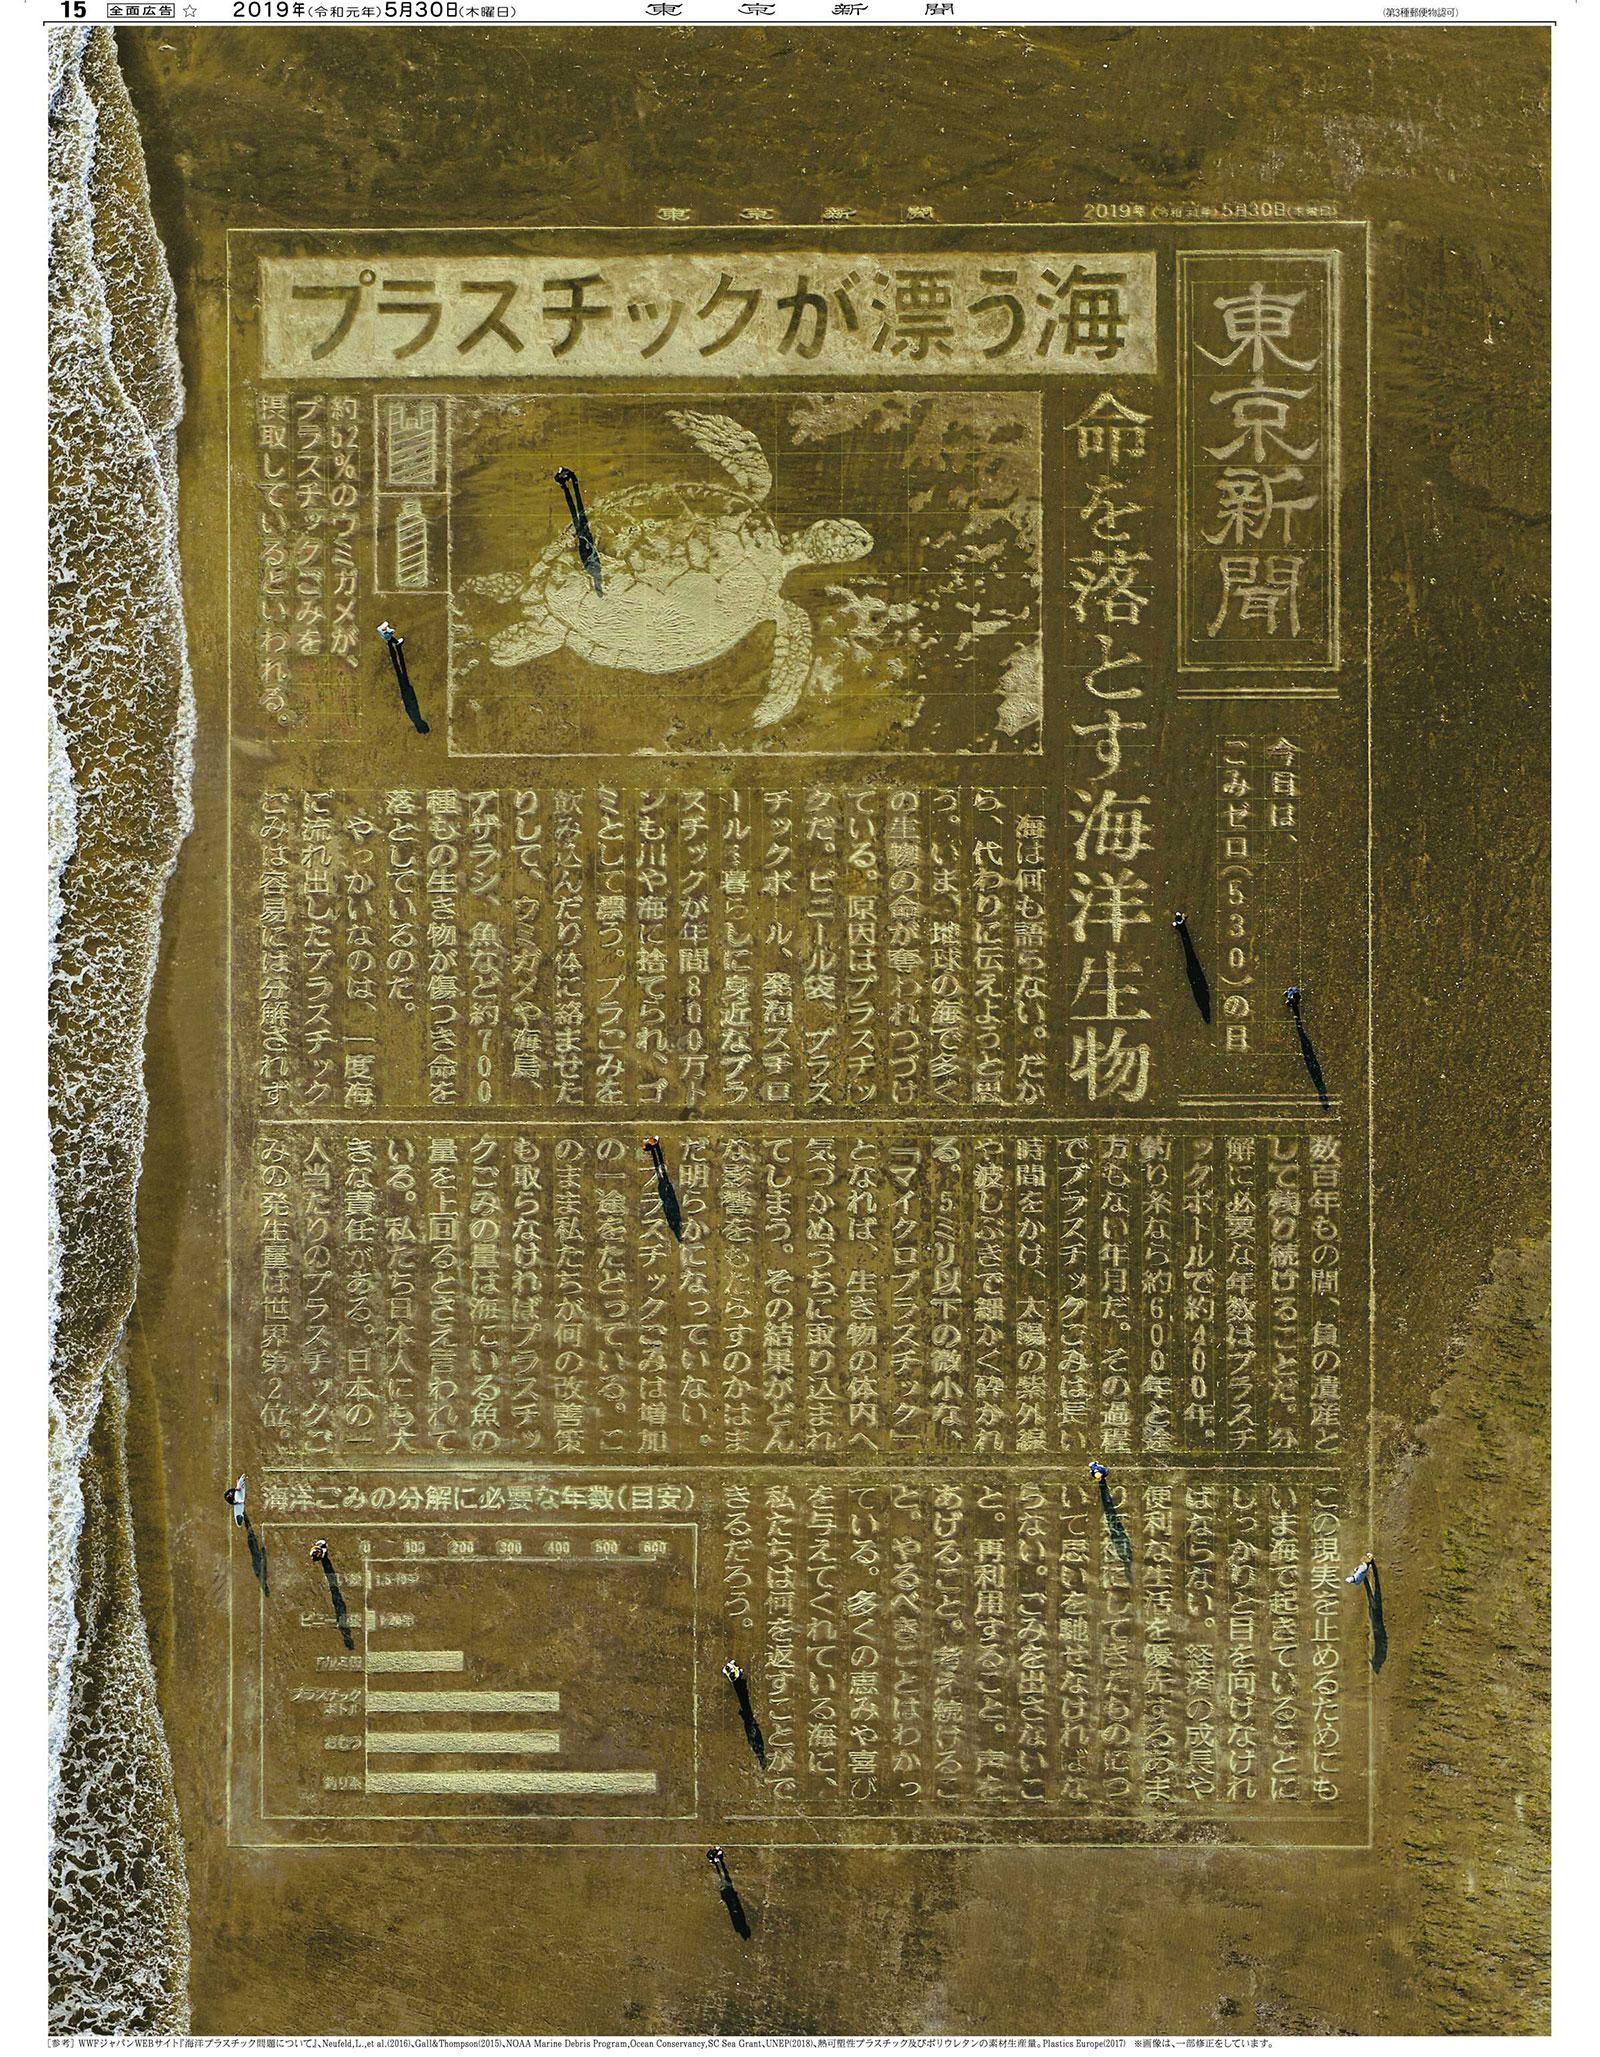 Editoriale a Piena Pagina di Toshihiko Hosaka